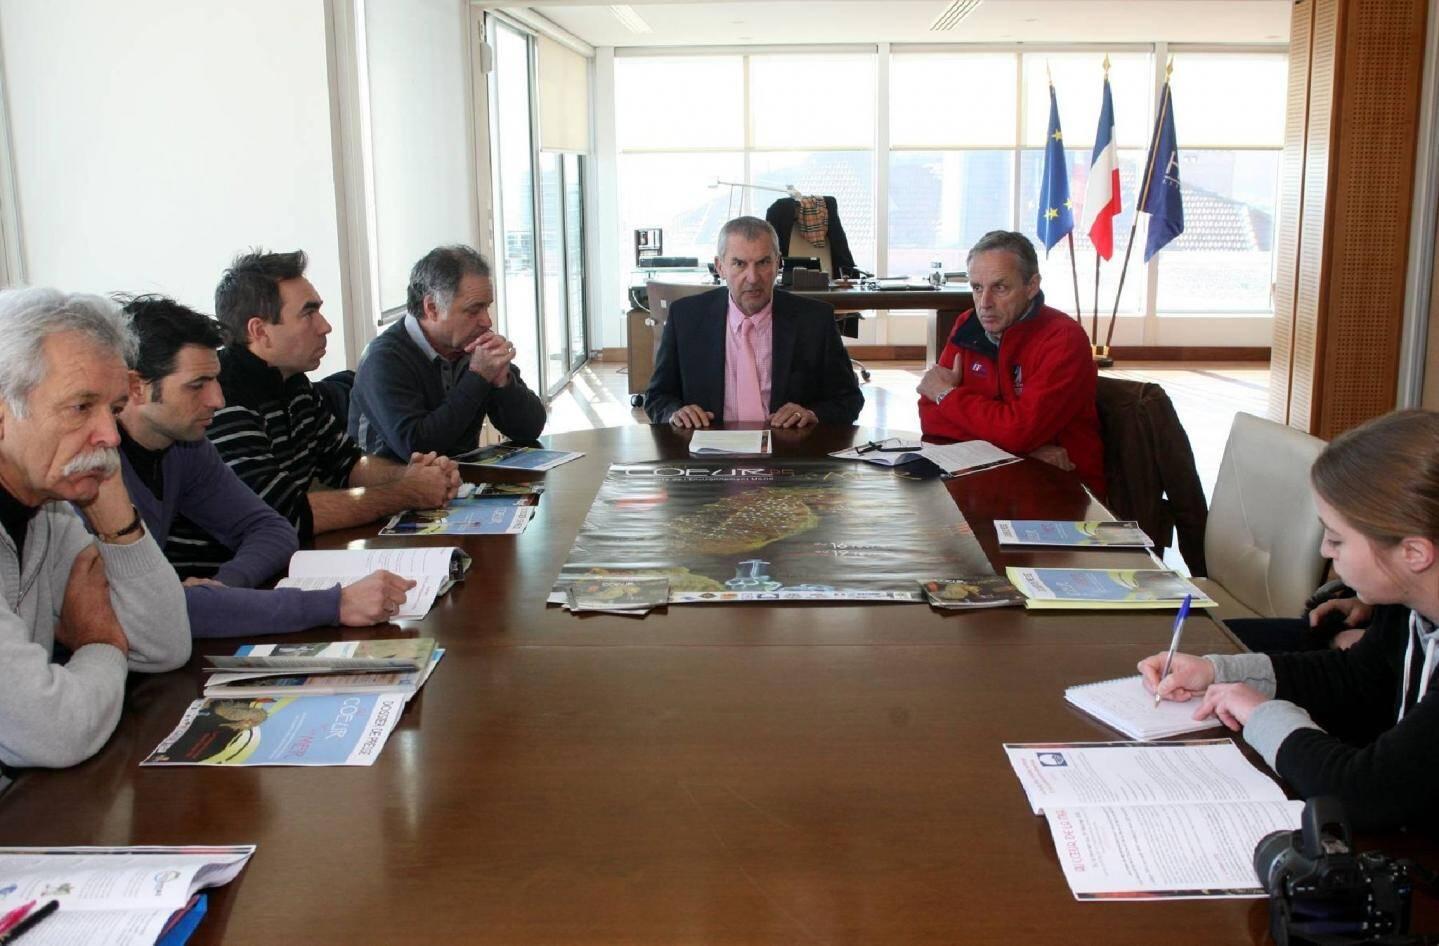 En présence de quelques-uns des partenaires de la manifestation, le maire d'Hyères, Jacques Politi, et son adjoint aux ports, Edmond Bacci, ont présenté cette troisième édition d'Au cœur de la mer , plus étoffée que les précédentes.